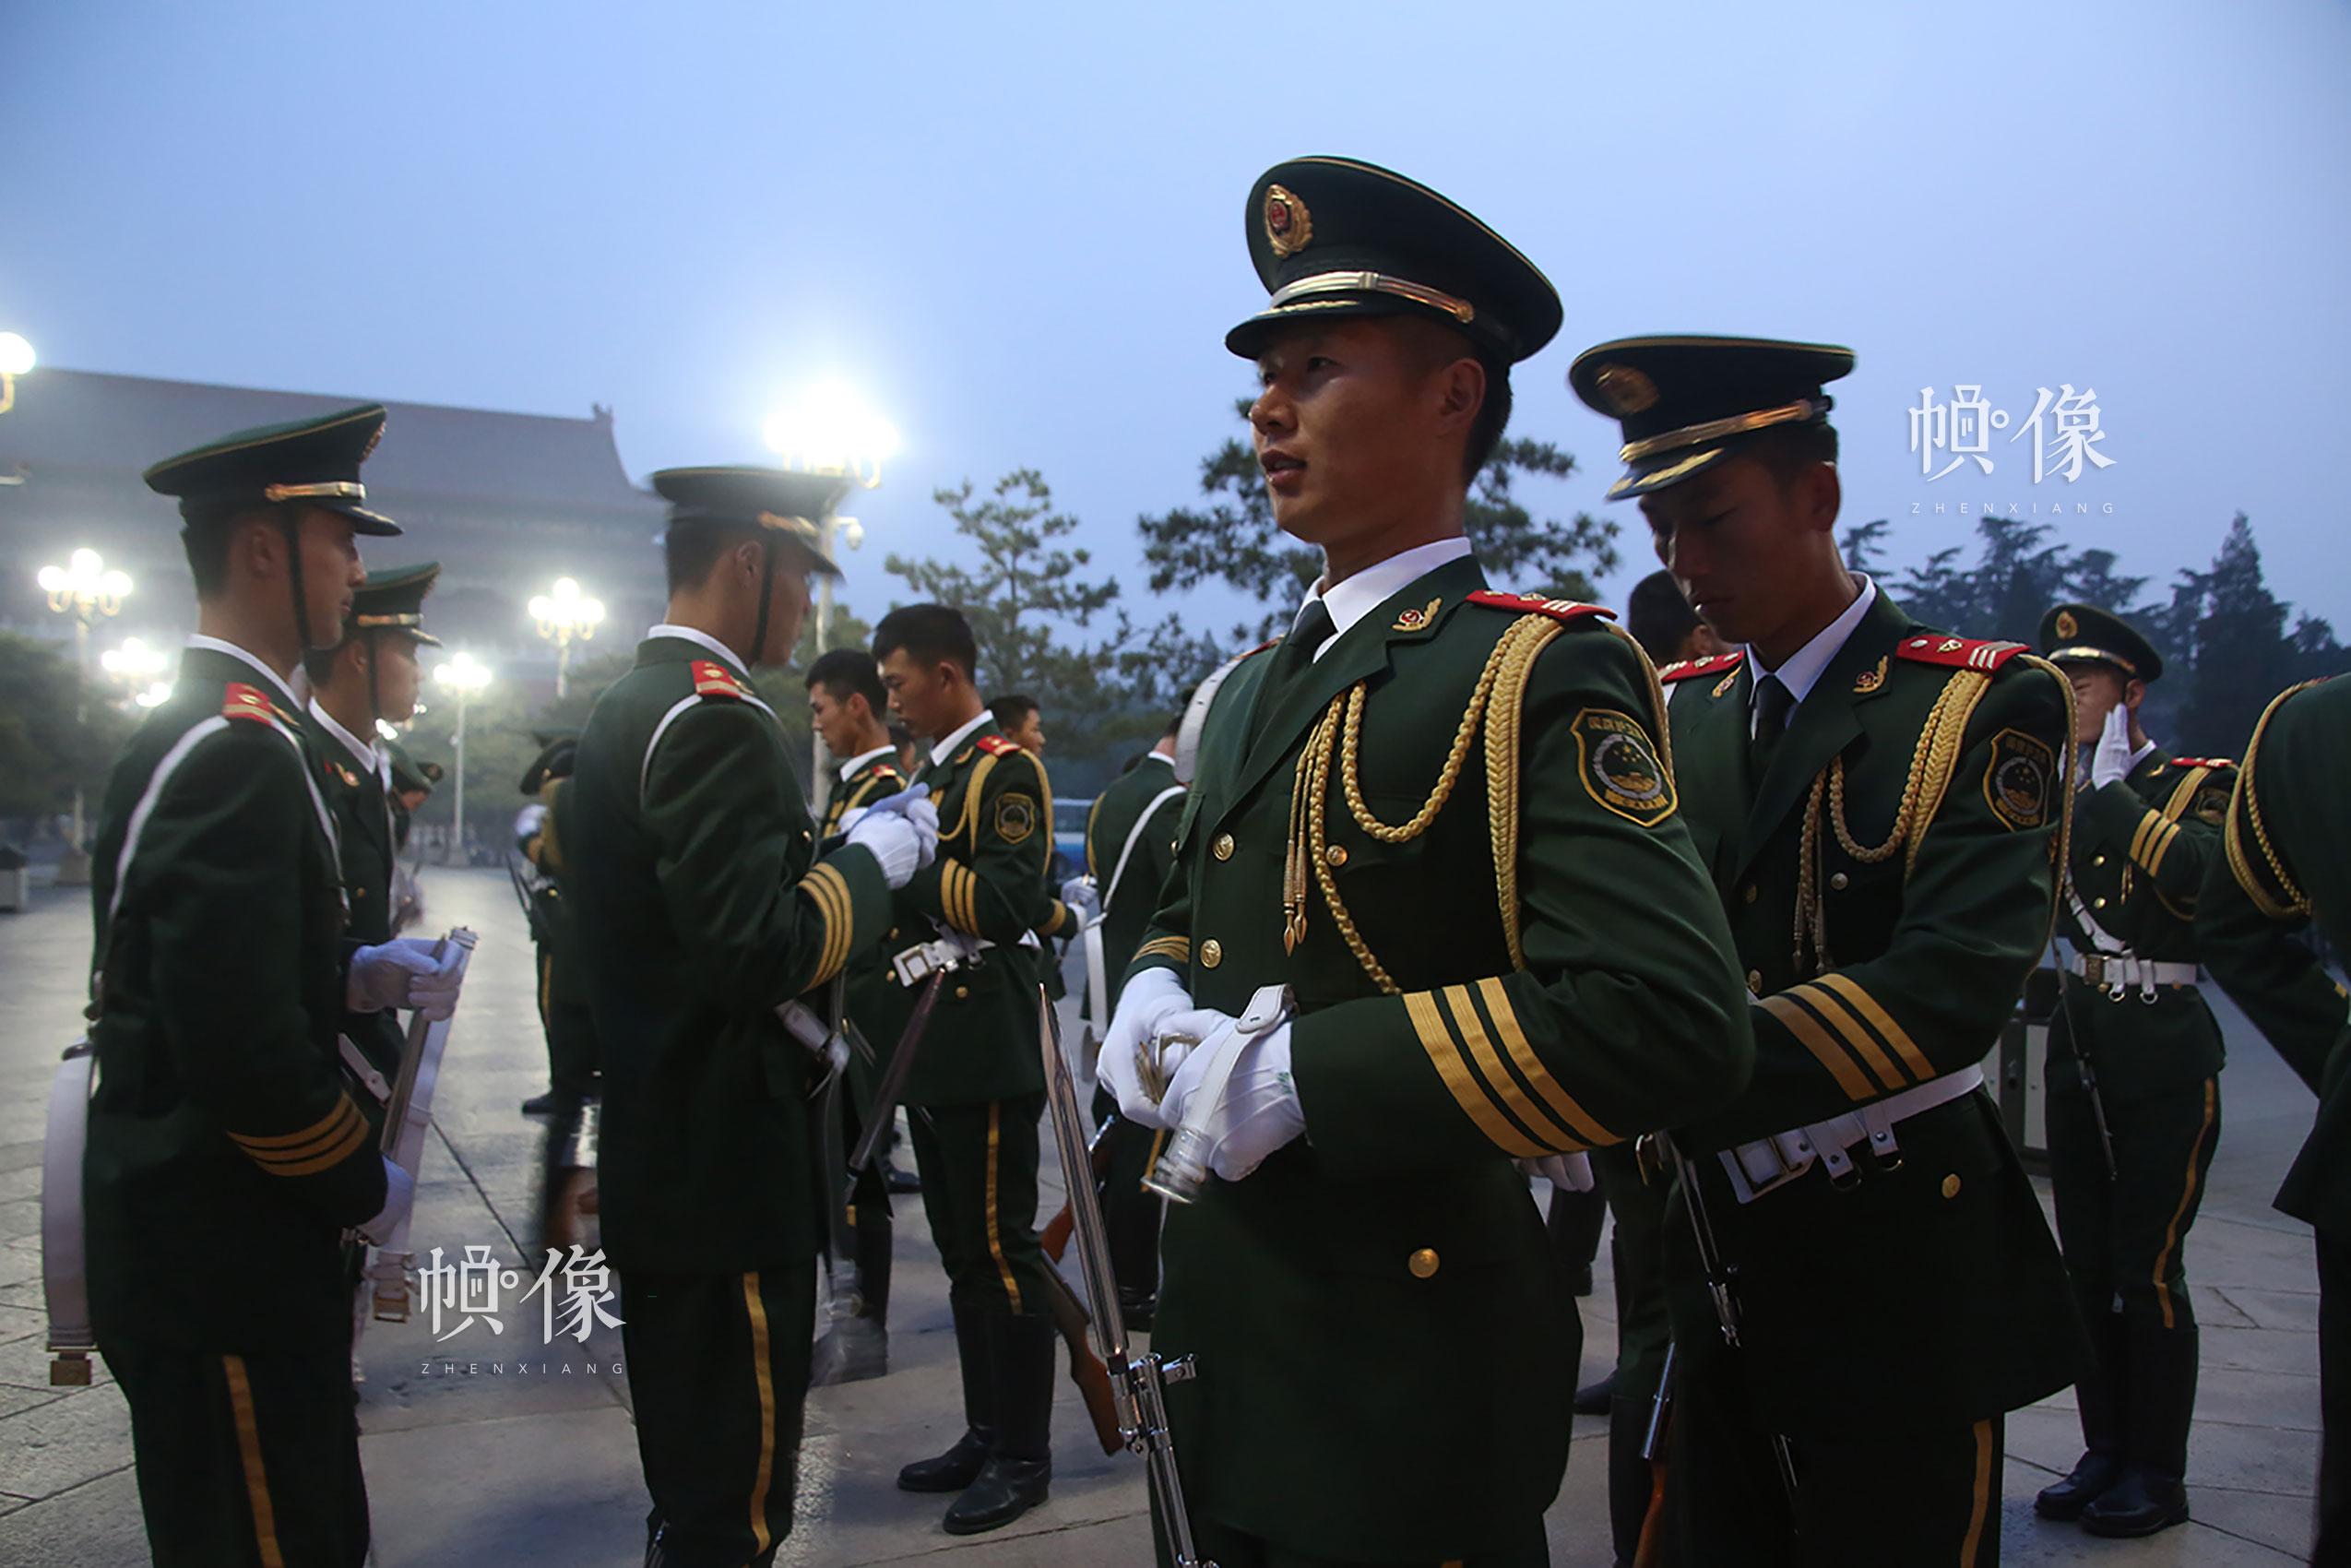 升旗前10分钟护卫队员们互相整理着装、调整军容。李超供图